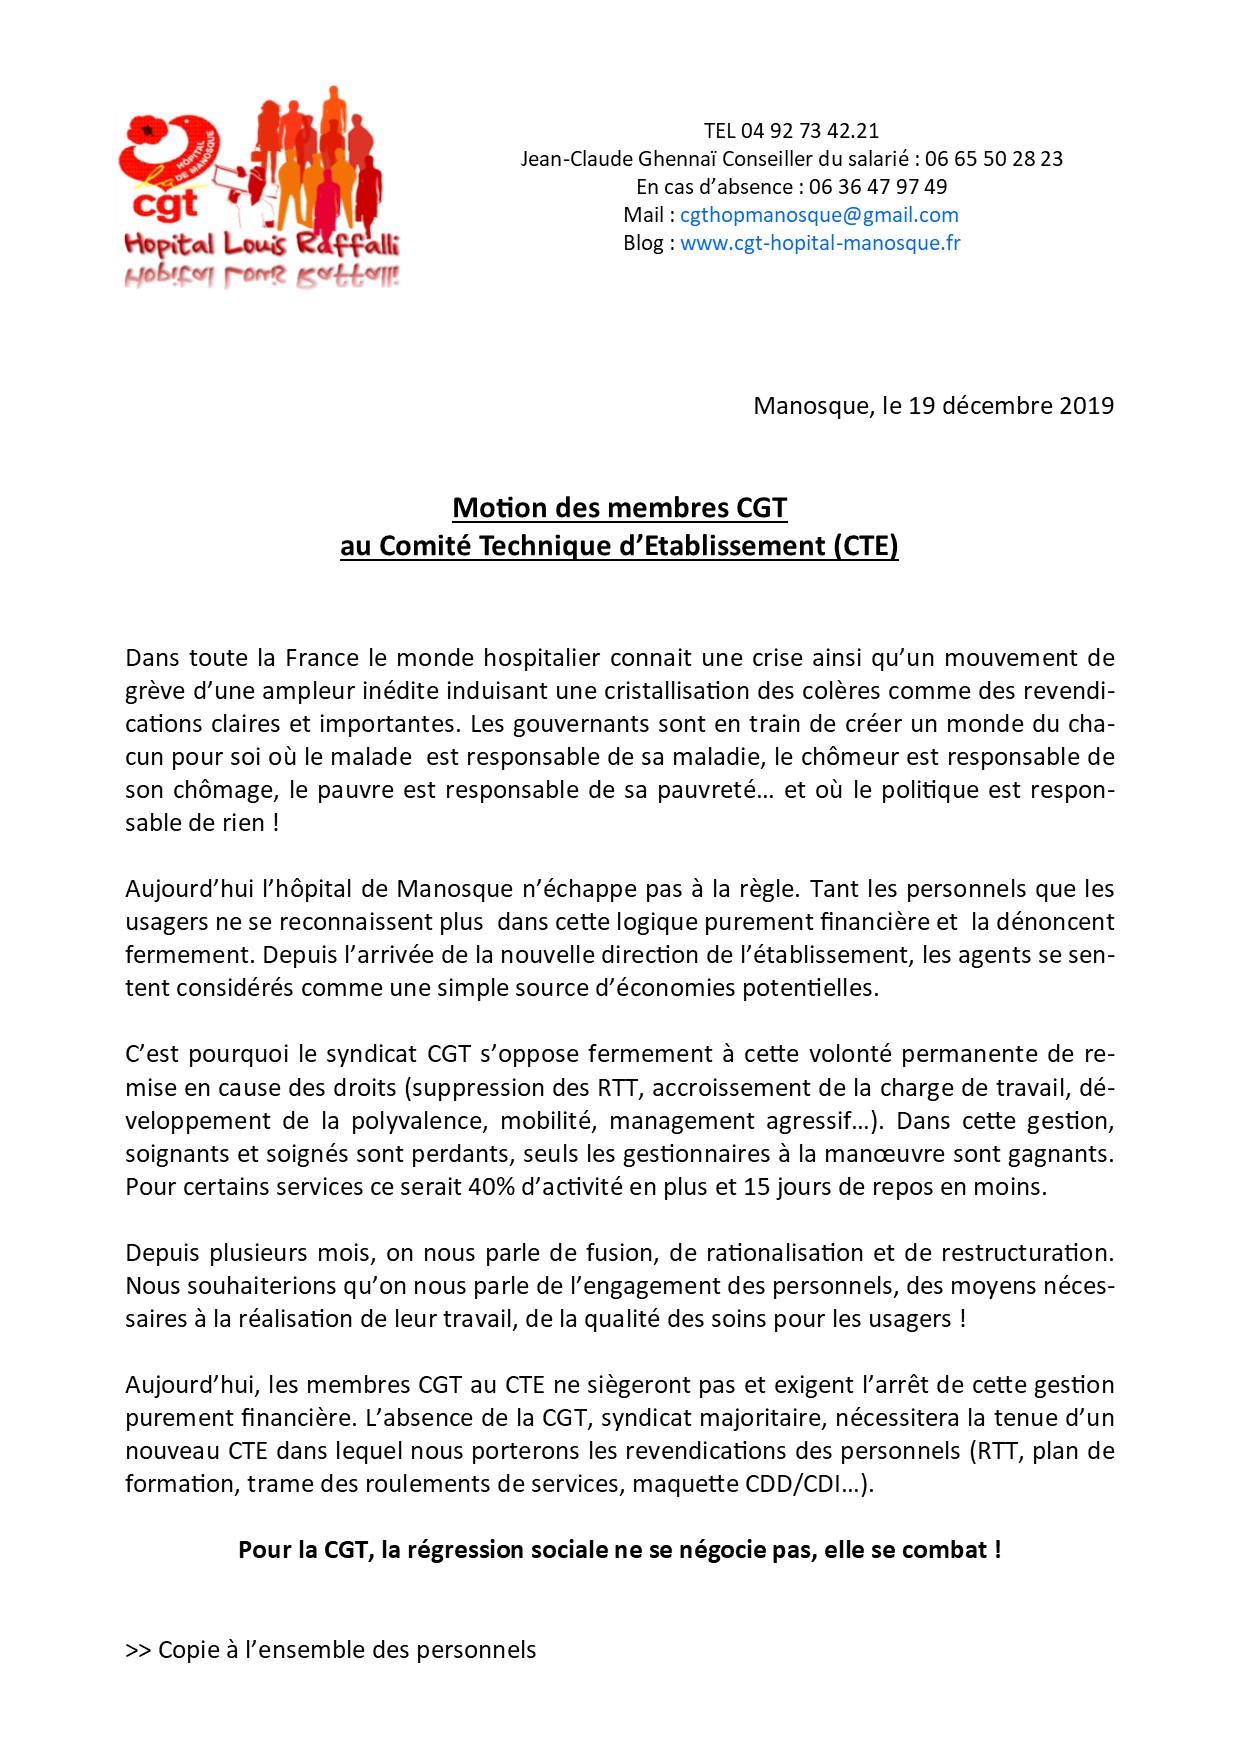 Communiqué CGT CTE du 19 décembre 2019